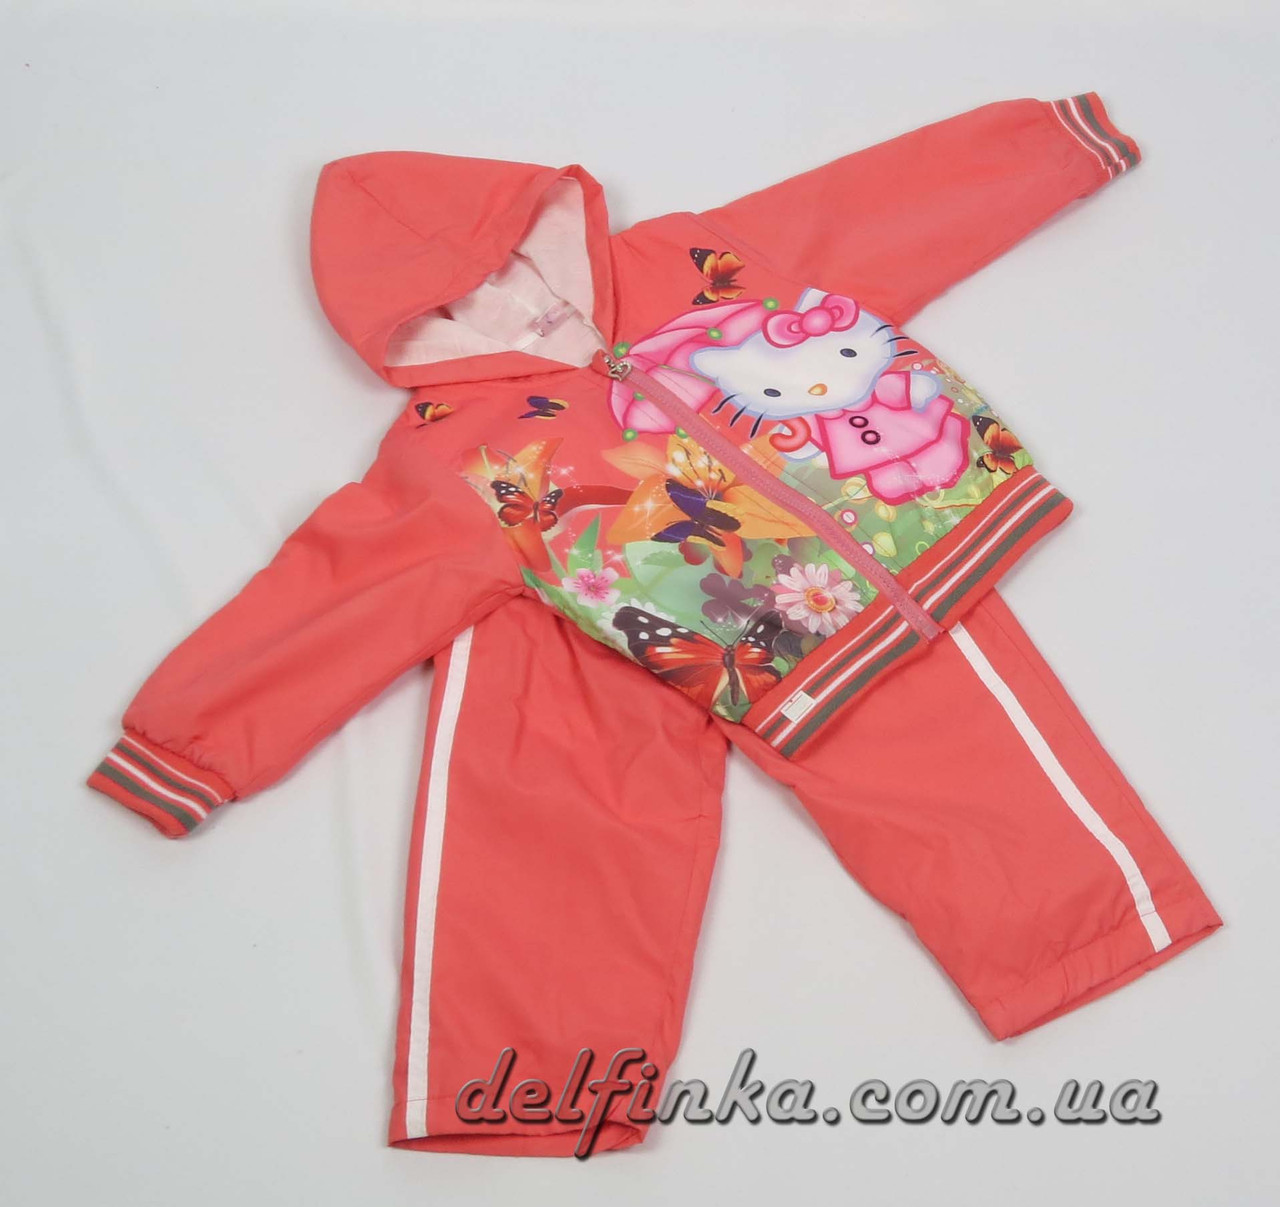 Костюм для девочки с 1 года до 3 лет, цвет: кораловый, фото 1